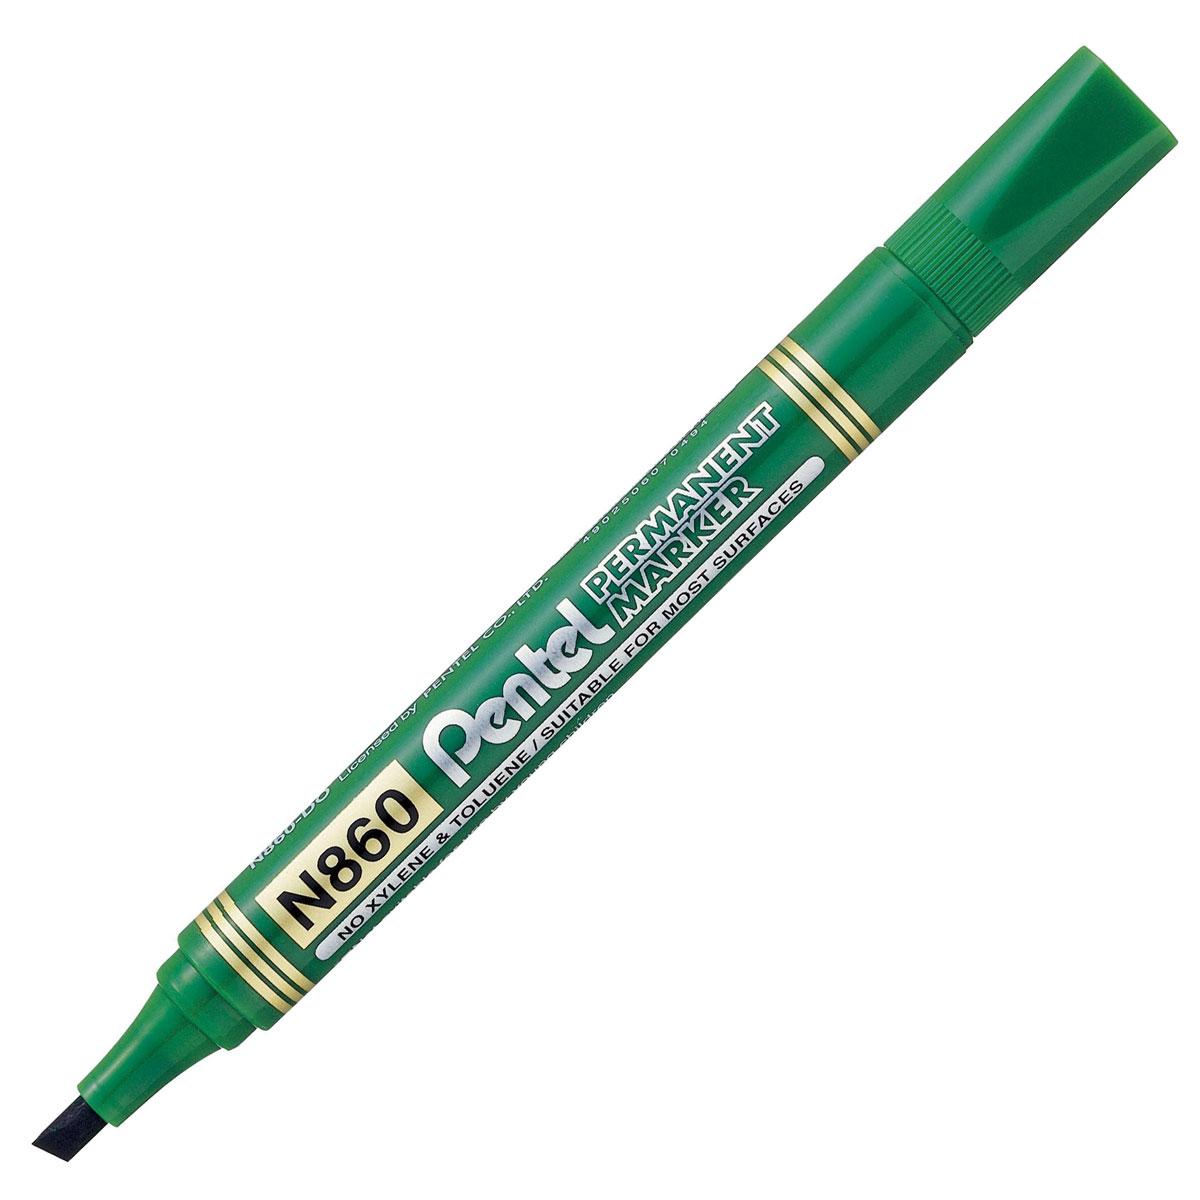 Pentel Маркер перманентный Chisel Point, цвет: зеленый610842Маркер перманентный Pentel Chisel Point со скошенным наконечником позволяет проводить линии шириной от 1.8 до 4.5 мм. Маркер заправлен перманентными чернилами, они быстро высыхают, чернила свето- и влагостойкие. Надписи, сделанные этим маркером, устойчивы к истиранию. Подходит для маркирования на бумаге, картоне, пластике, стекле и металле.